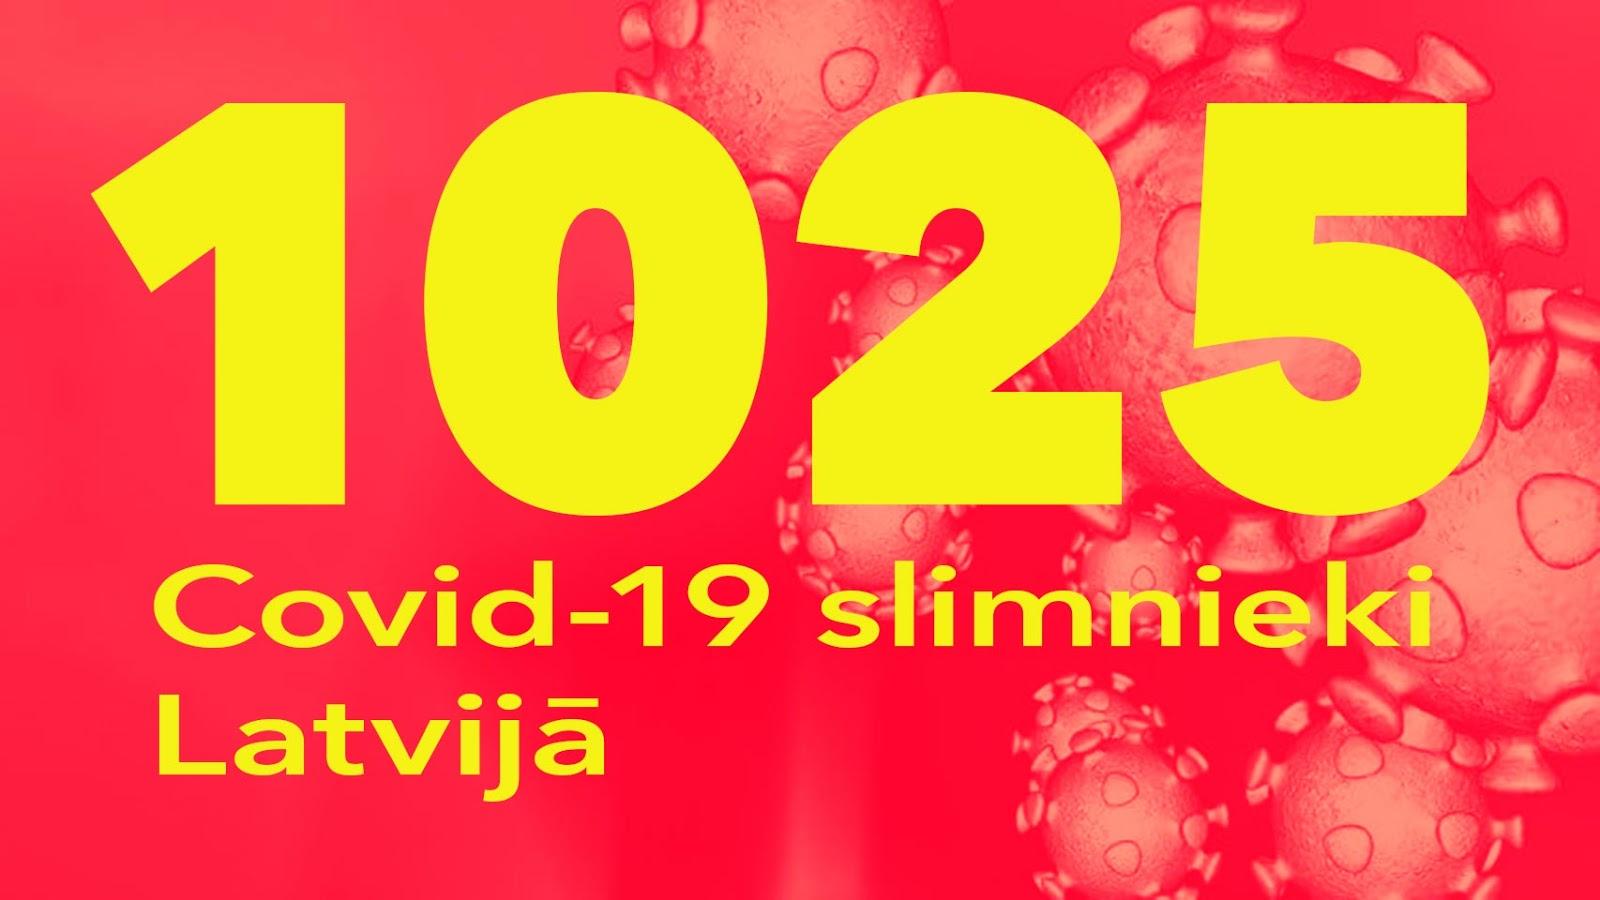 Koronavīrusa saslimušo skaits Latvijā 21.05.2020.